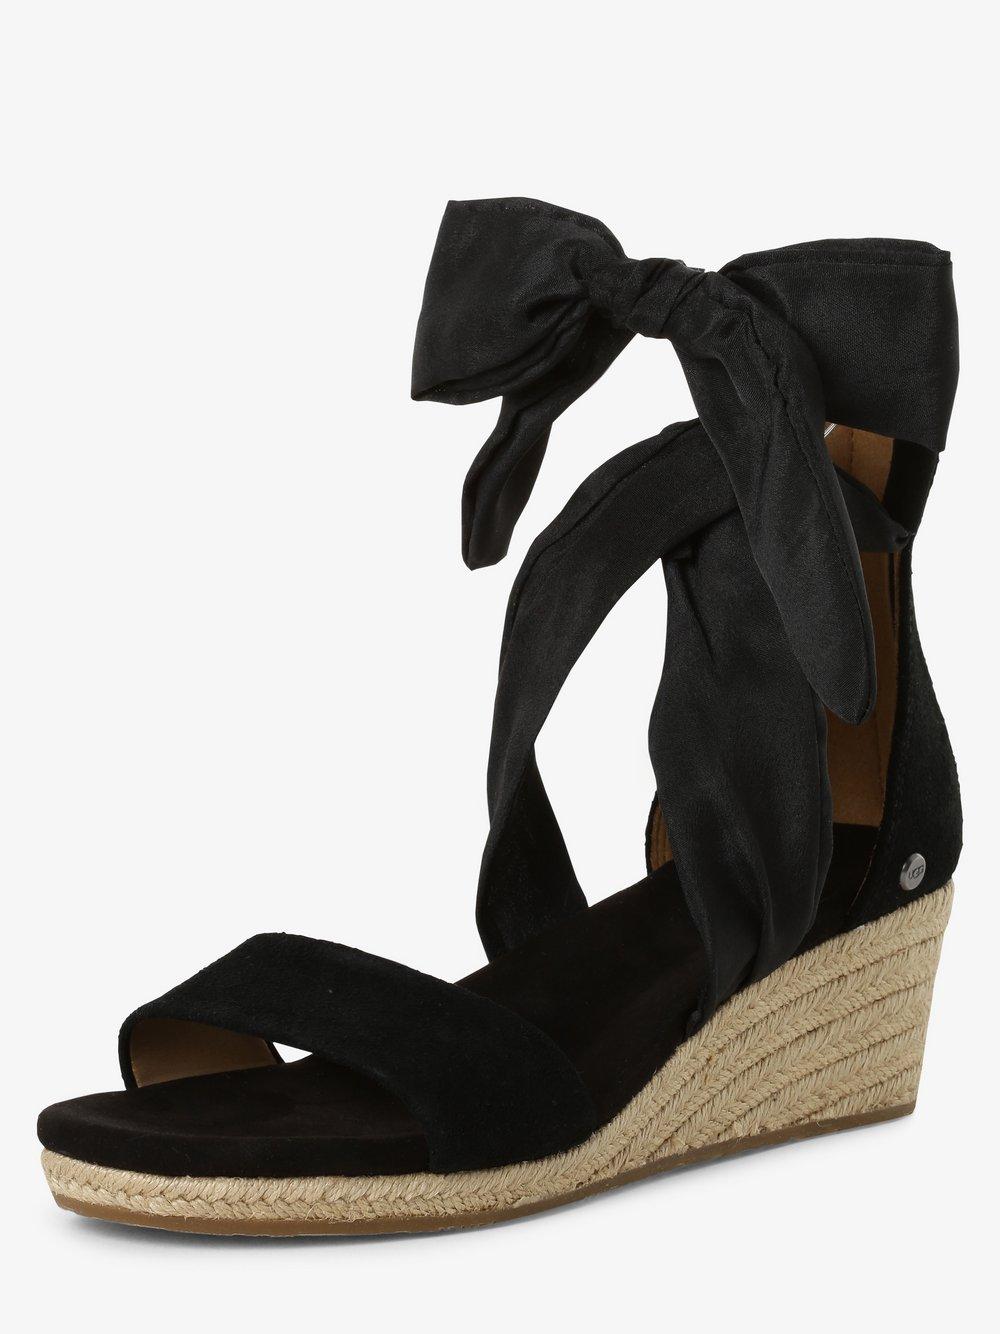 UGG - Sandały damskie z dodatkiem skóry – Trina, czarny